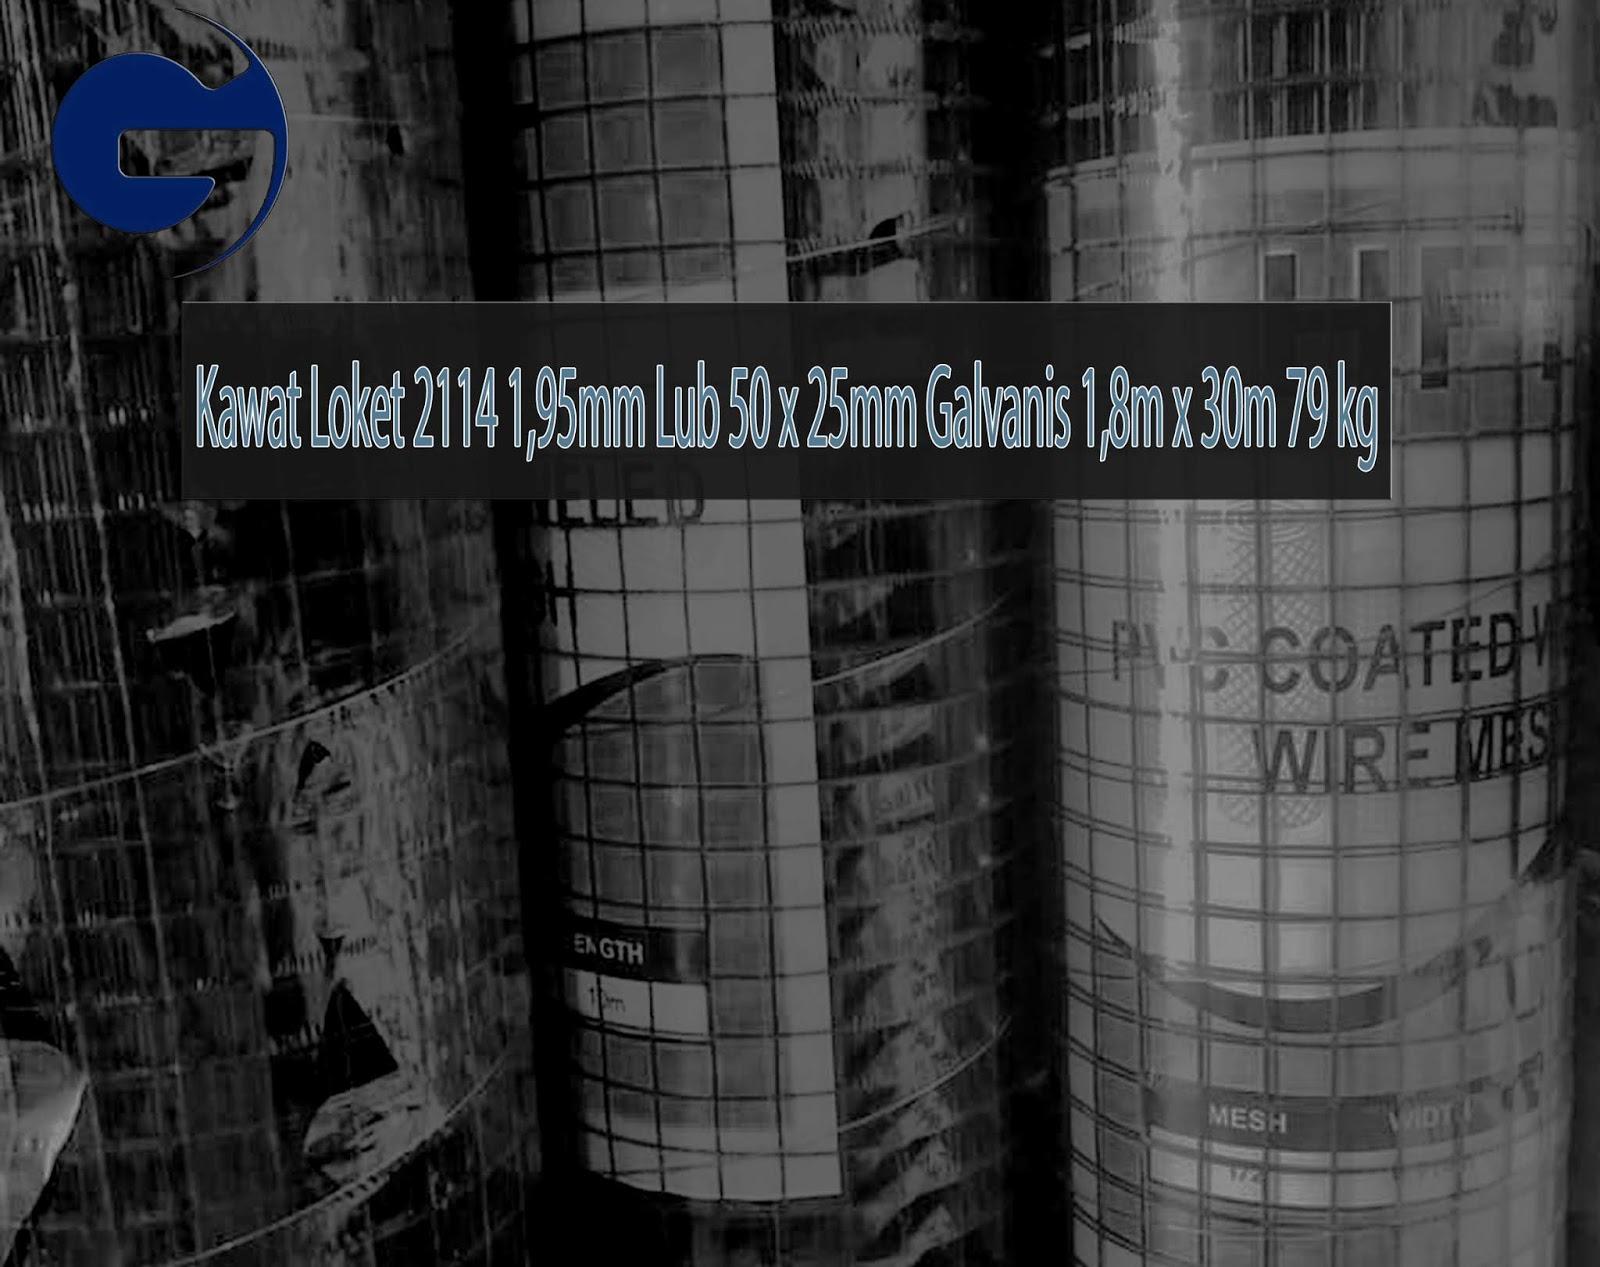 Jual Kawat Loket 2214 1,95mm Lub 50 x 25mm Galvanis 1,8m x 30m 79 kg